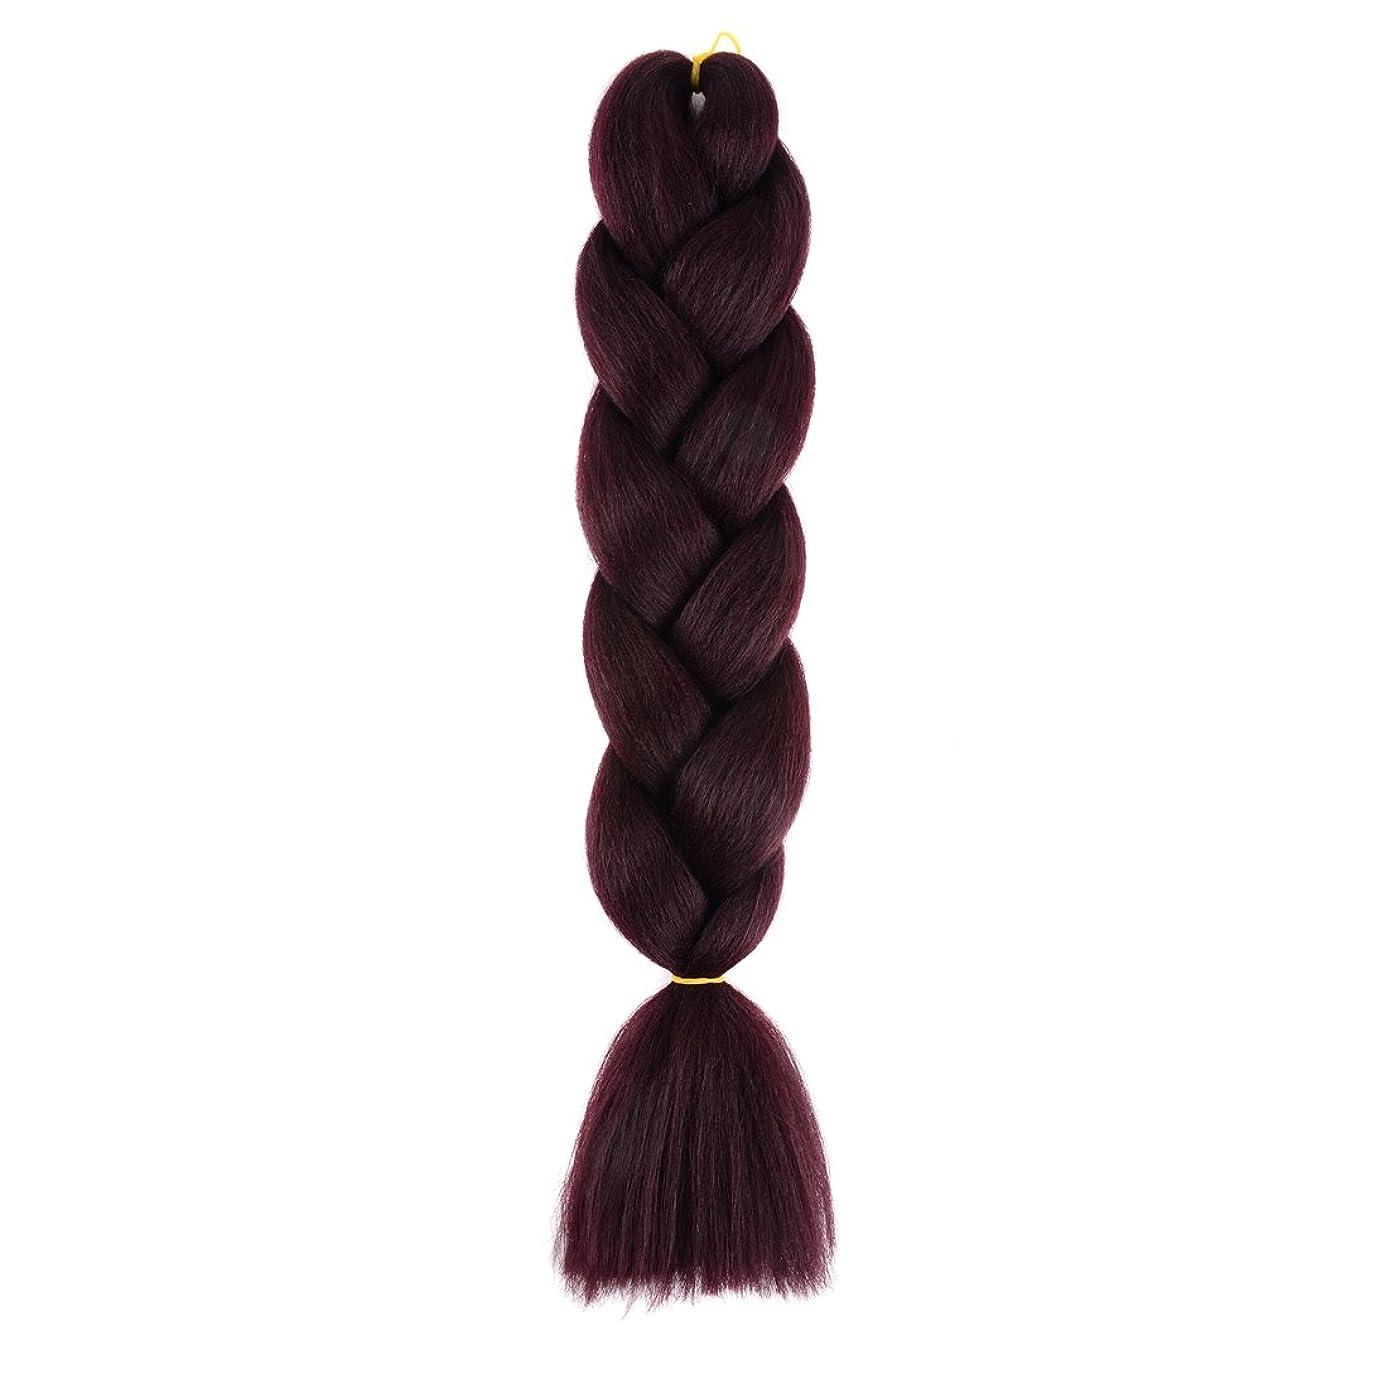 擬人オーガニック逆説Koloeplf 女性 高温 ワイヤ 編組髪 編み上げ ツイスト 髪飾り モノクロカラー アフリカの エキゾチックな髪 (Color : Wine red)